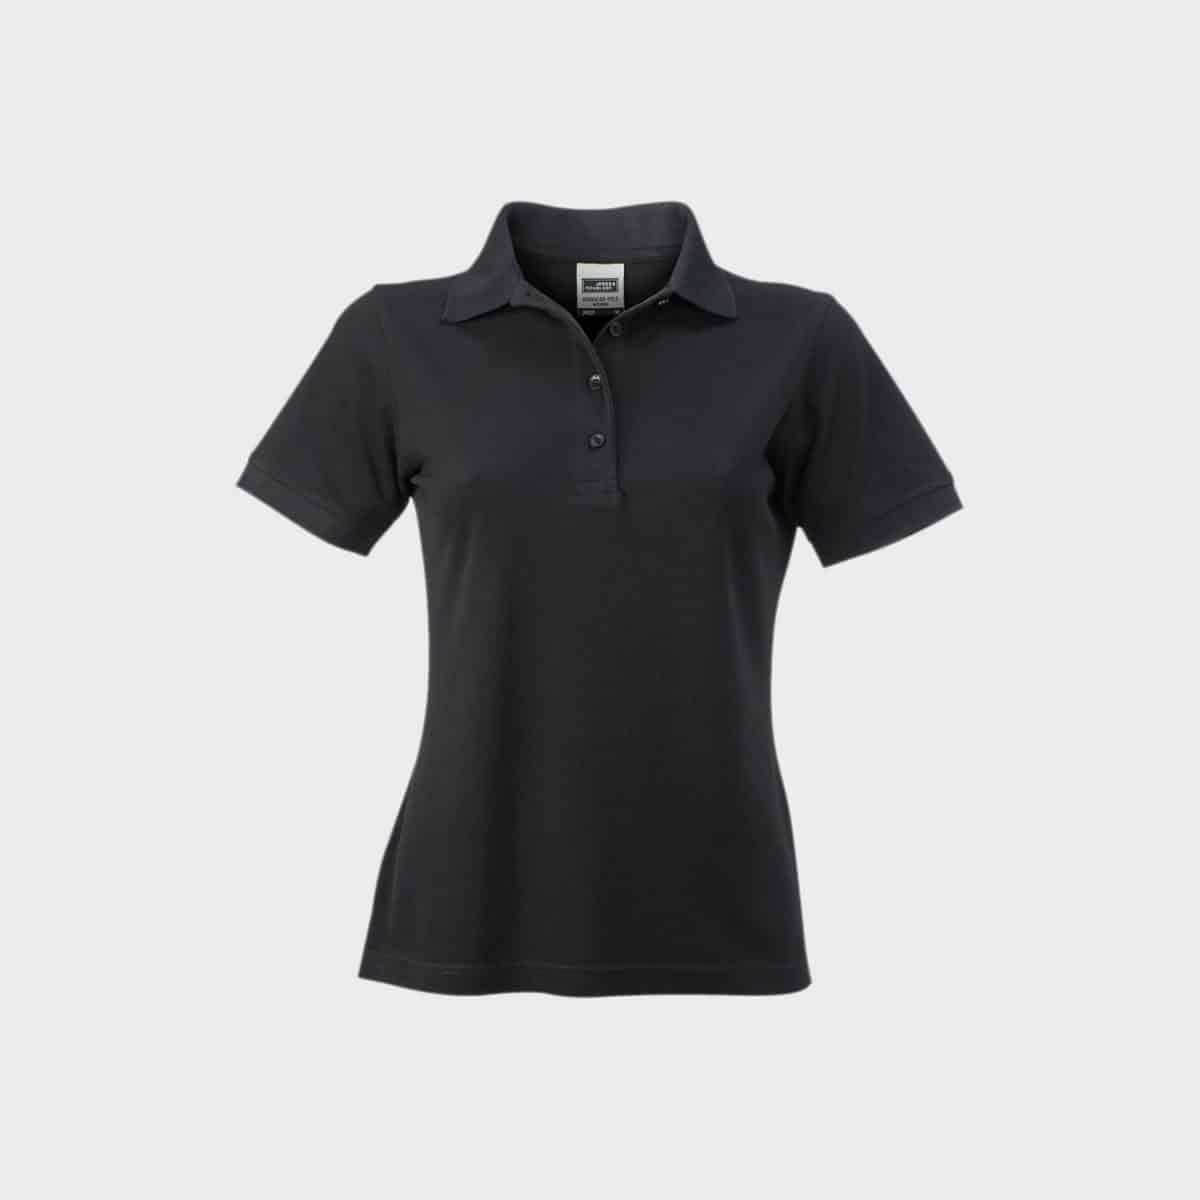 basic-workwear-polo-t-shirt-damen-black-kaufen-besticken_stickmanufaktur